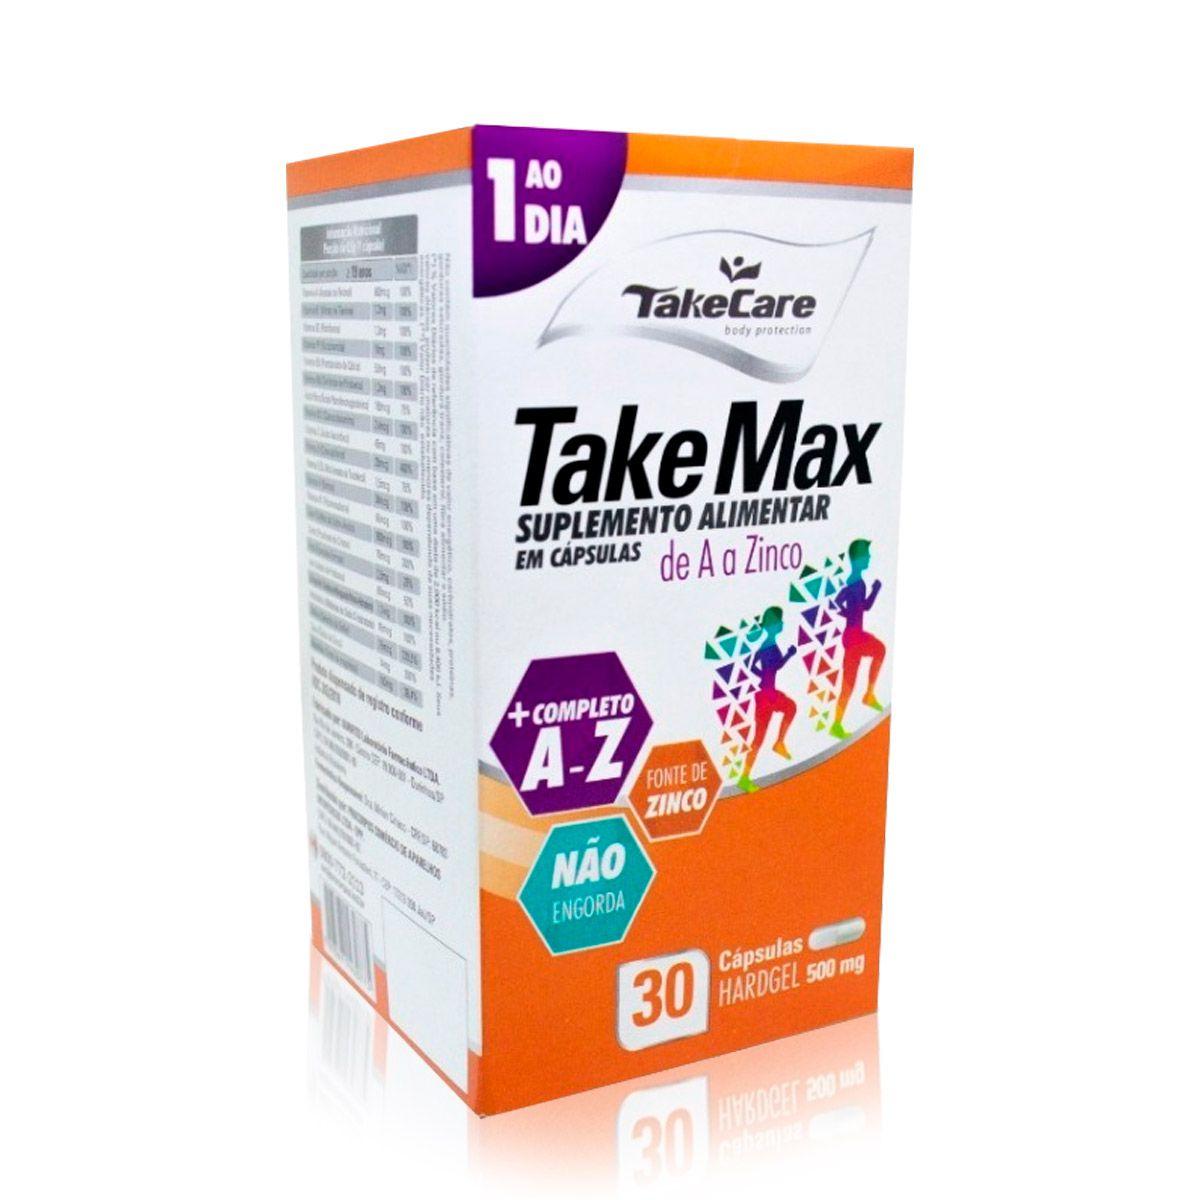 Take Max A Z 500mg 30 Caps - Take Care